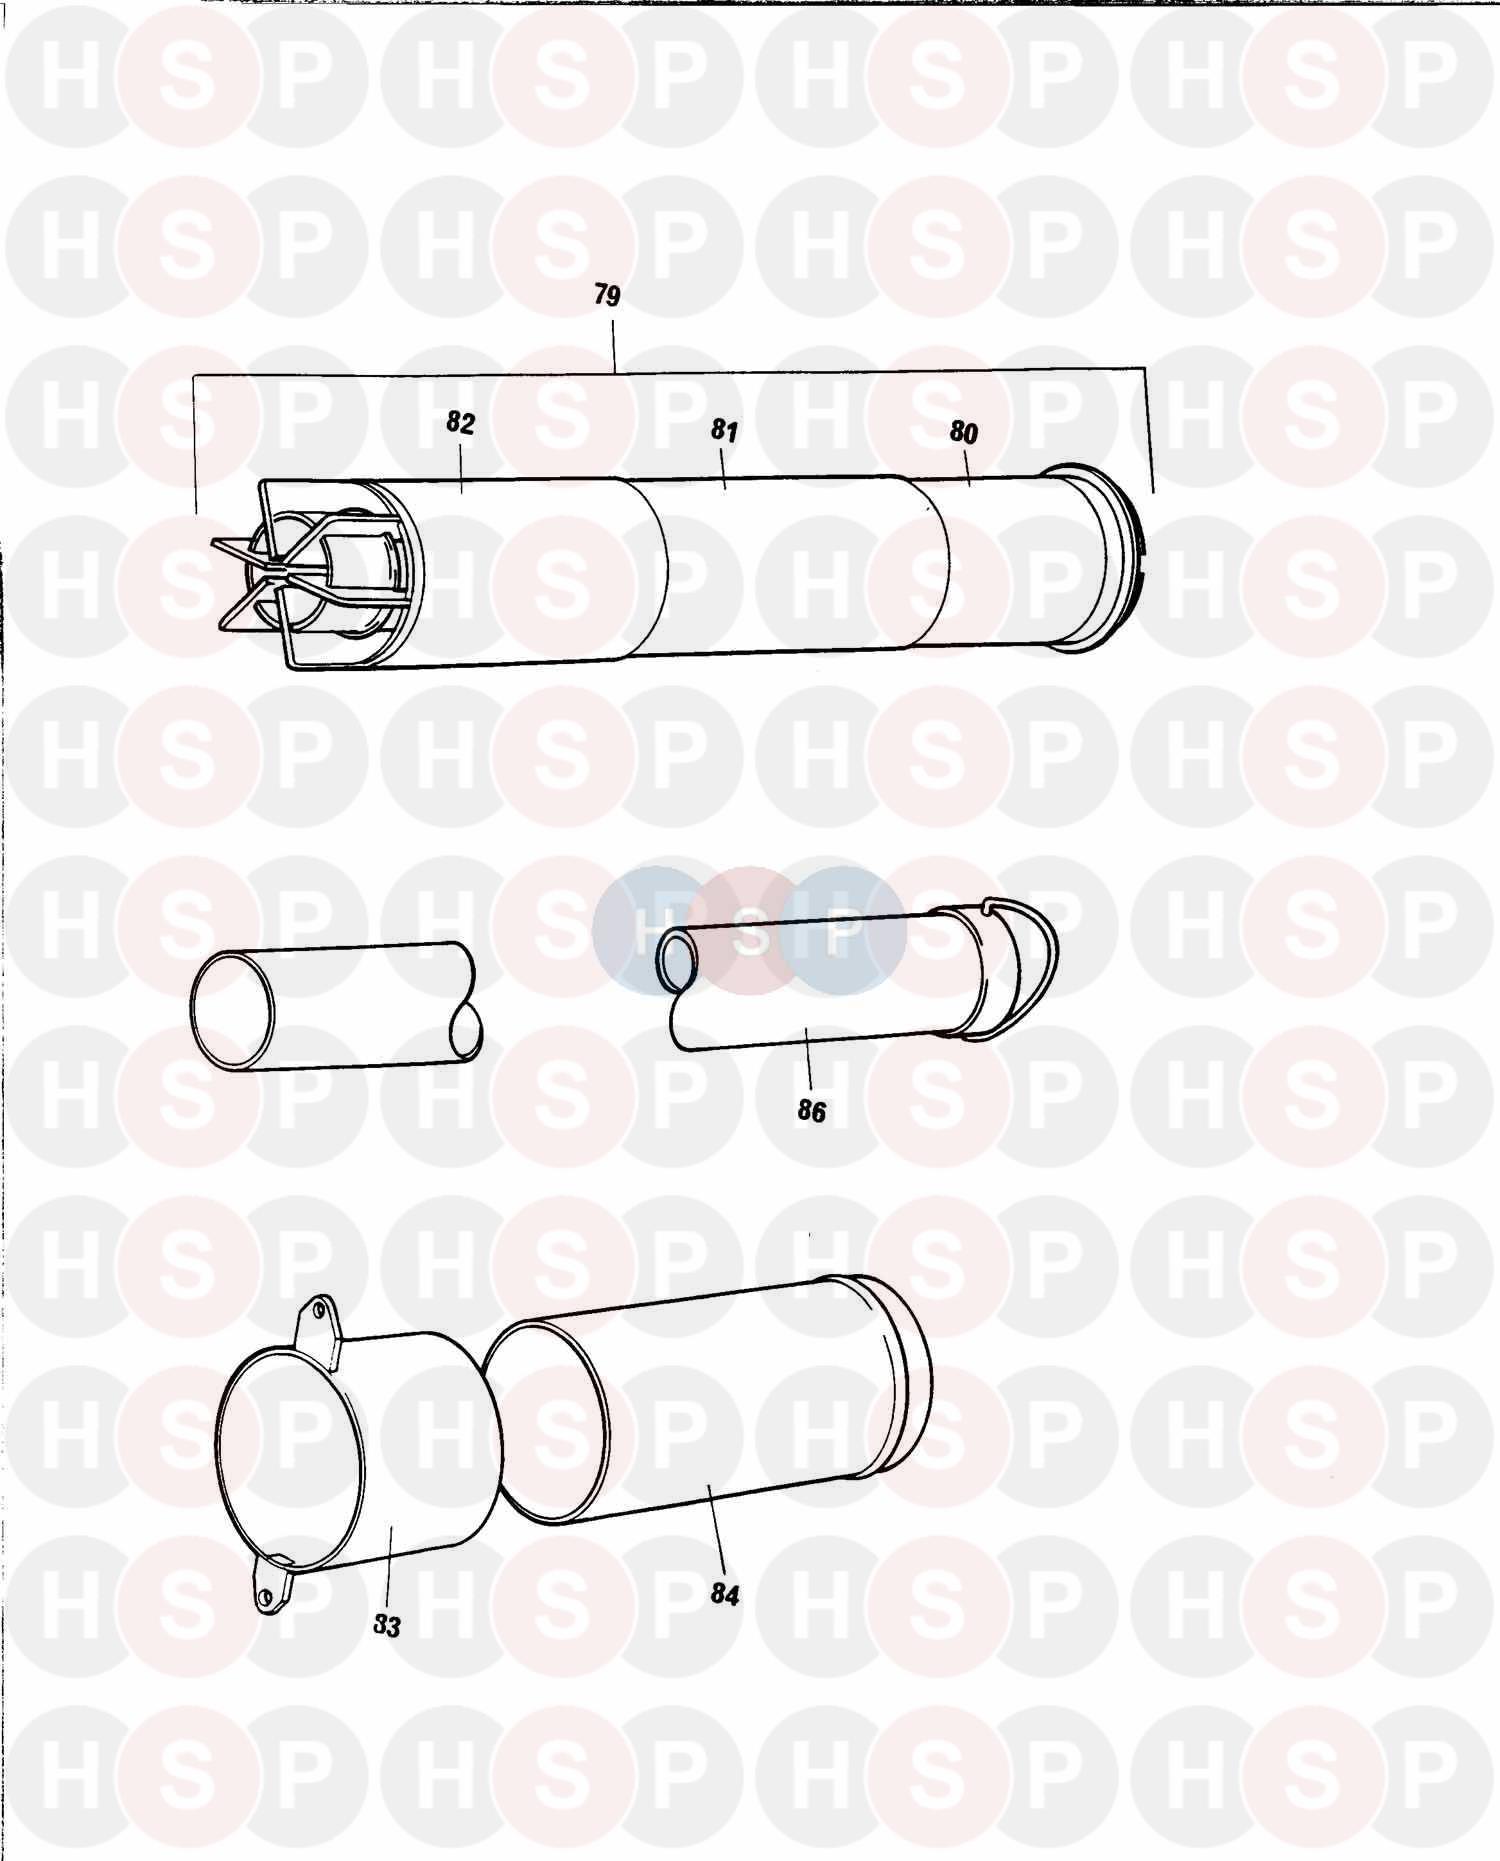 baxi solo 2 pf 30 appliance diagram  flue